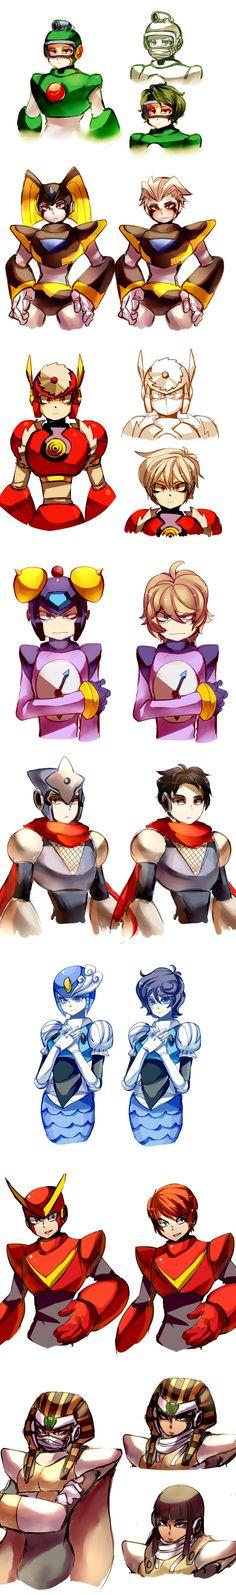 /Megaman/#1373254 - Zerochan